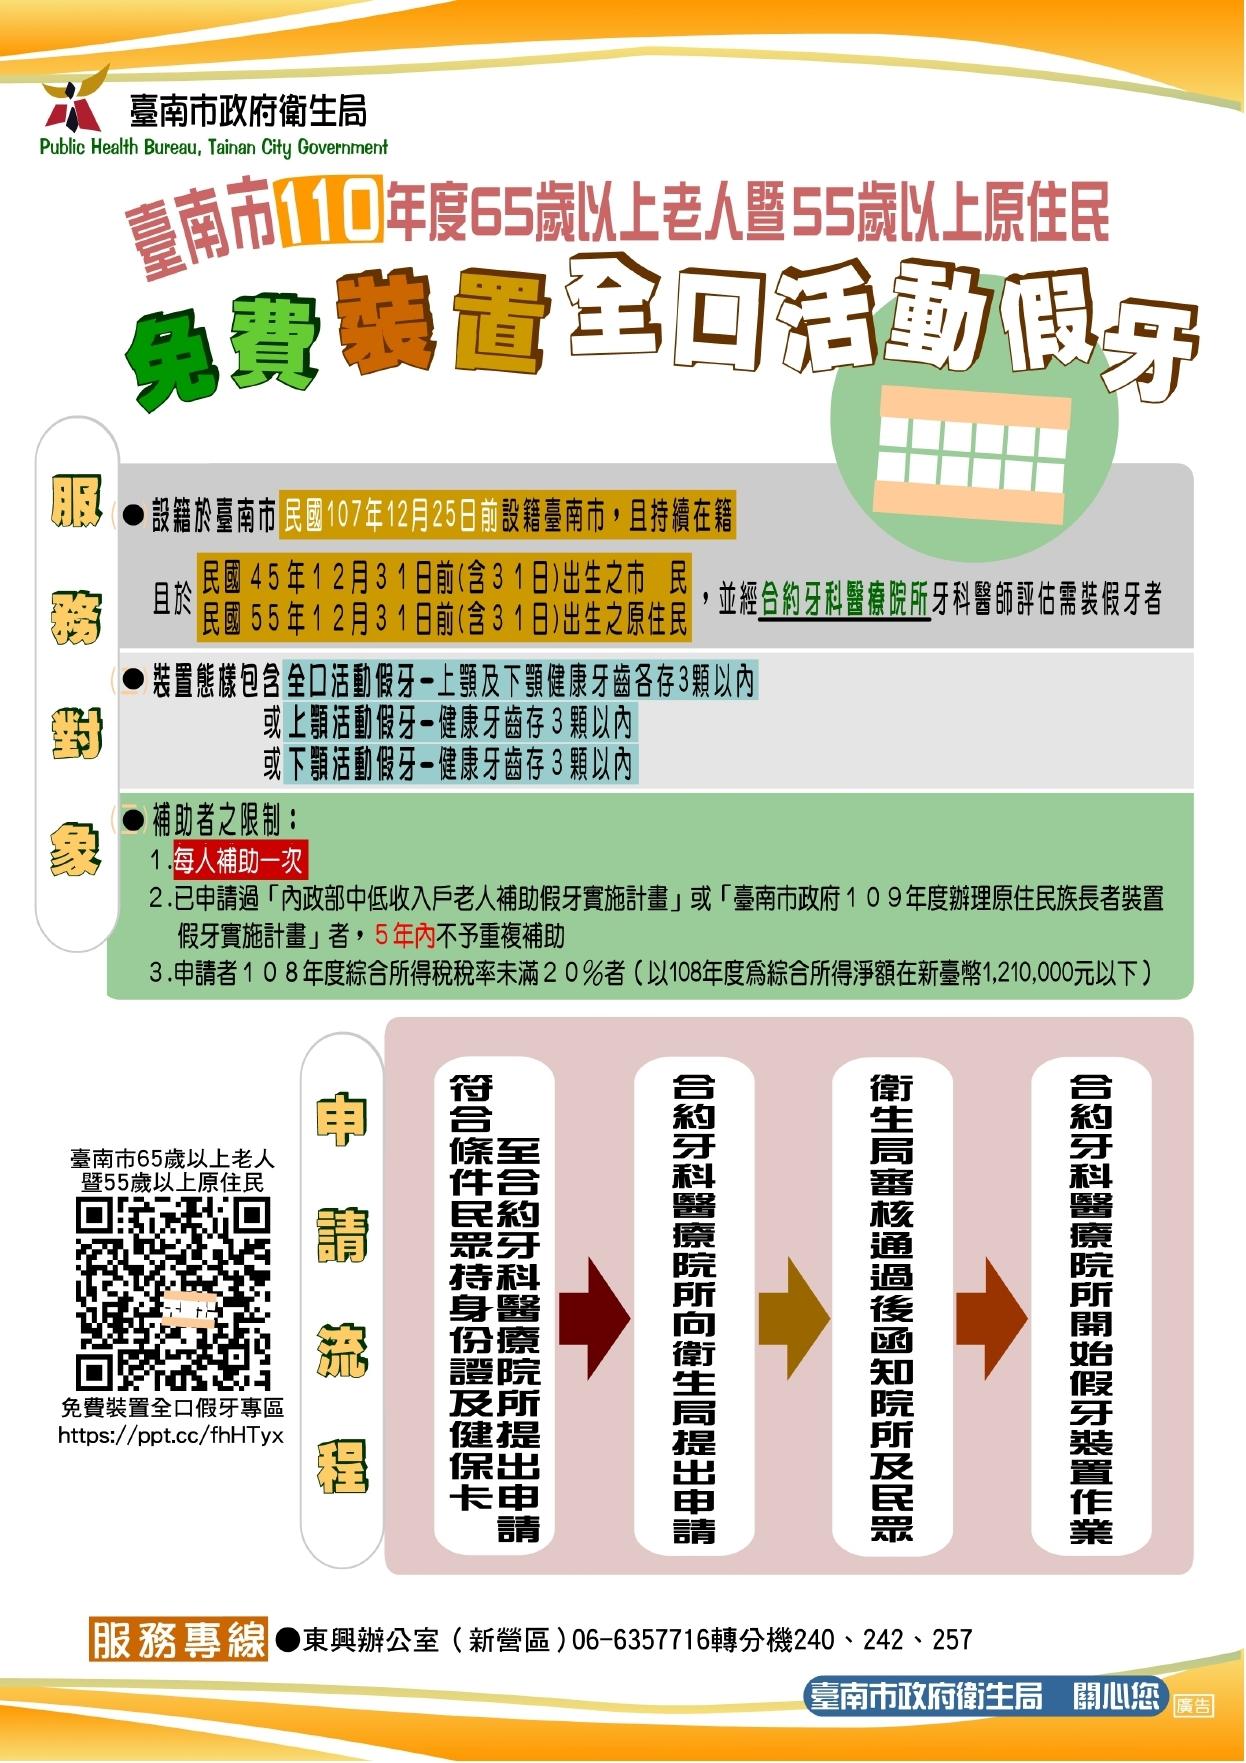 臺南市110年65歲以上老人暨55歲以上原住民免費裝置全口活動假牙